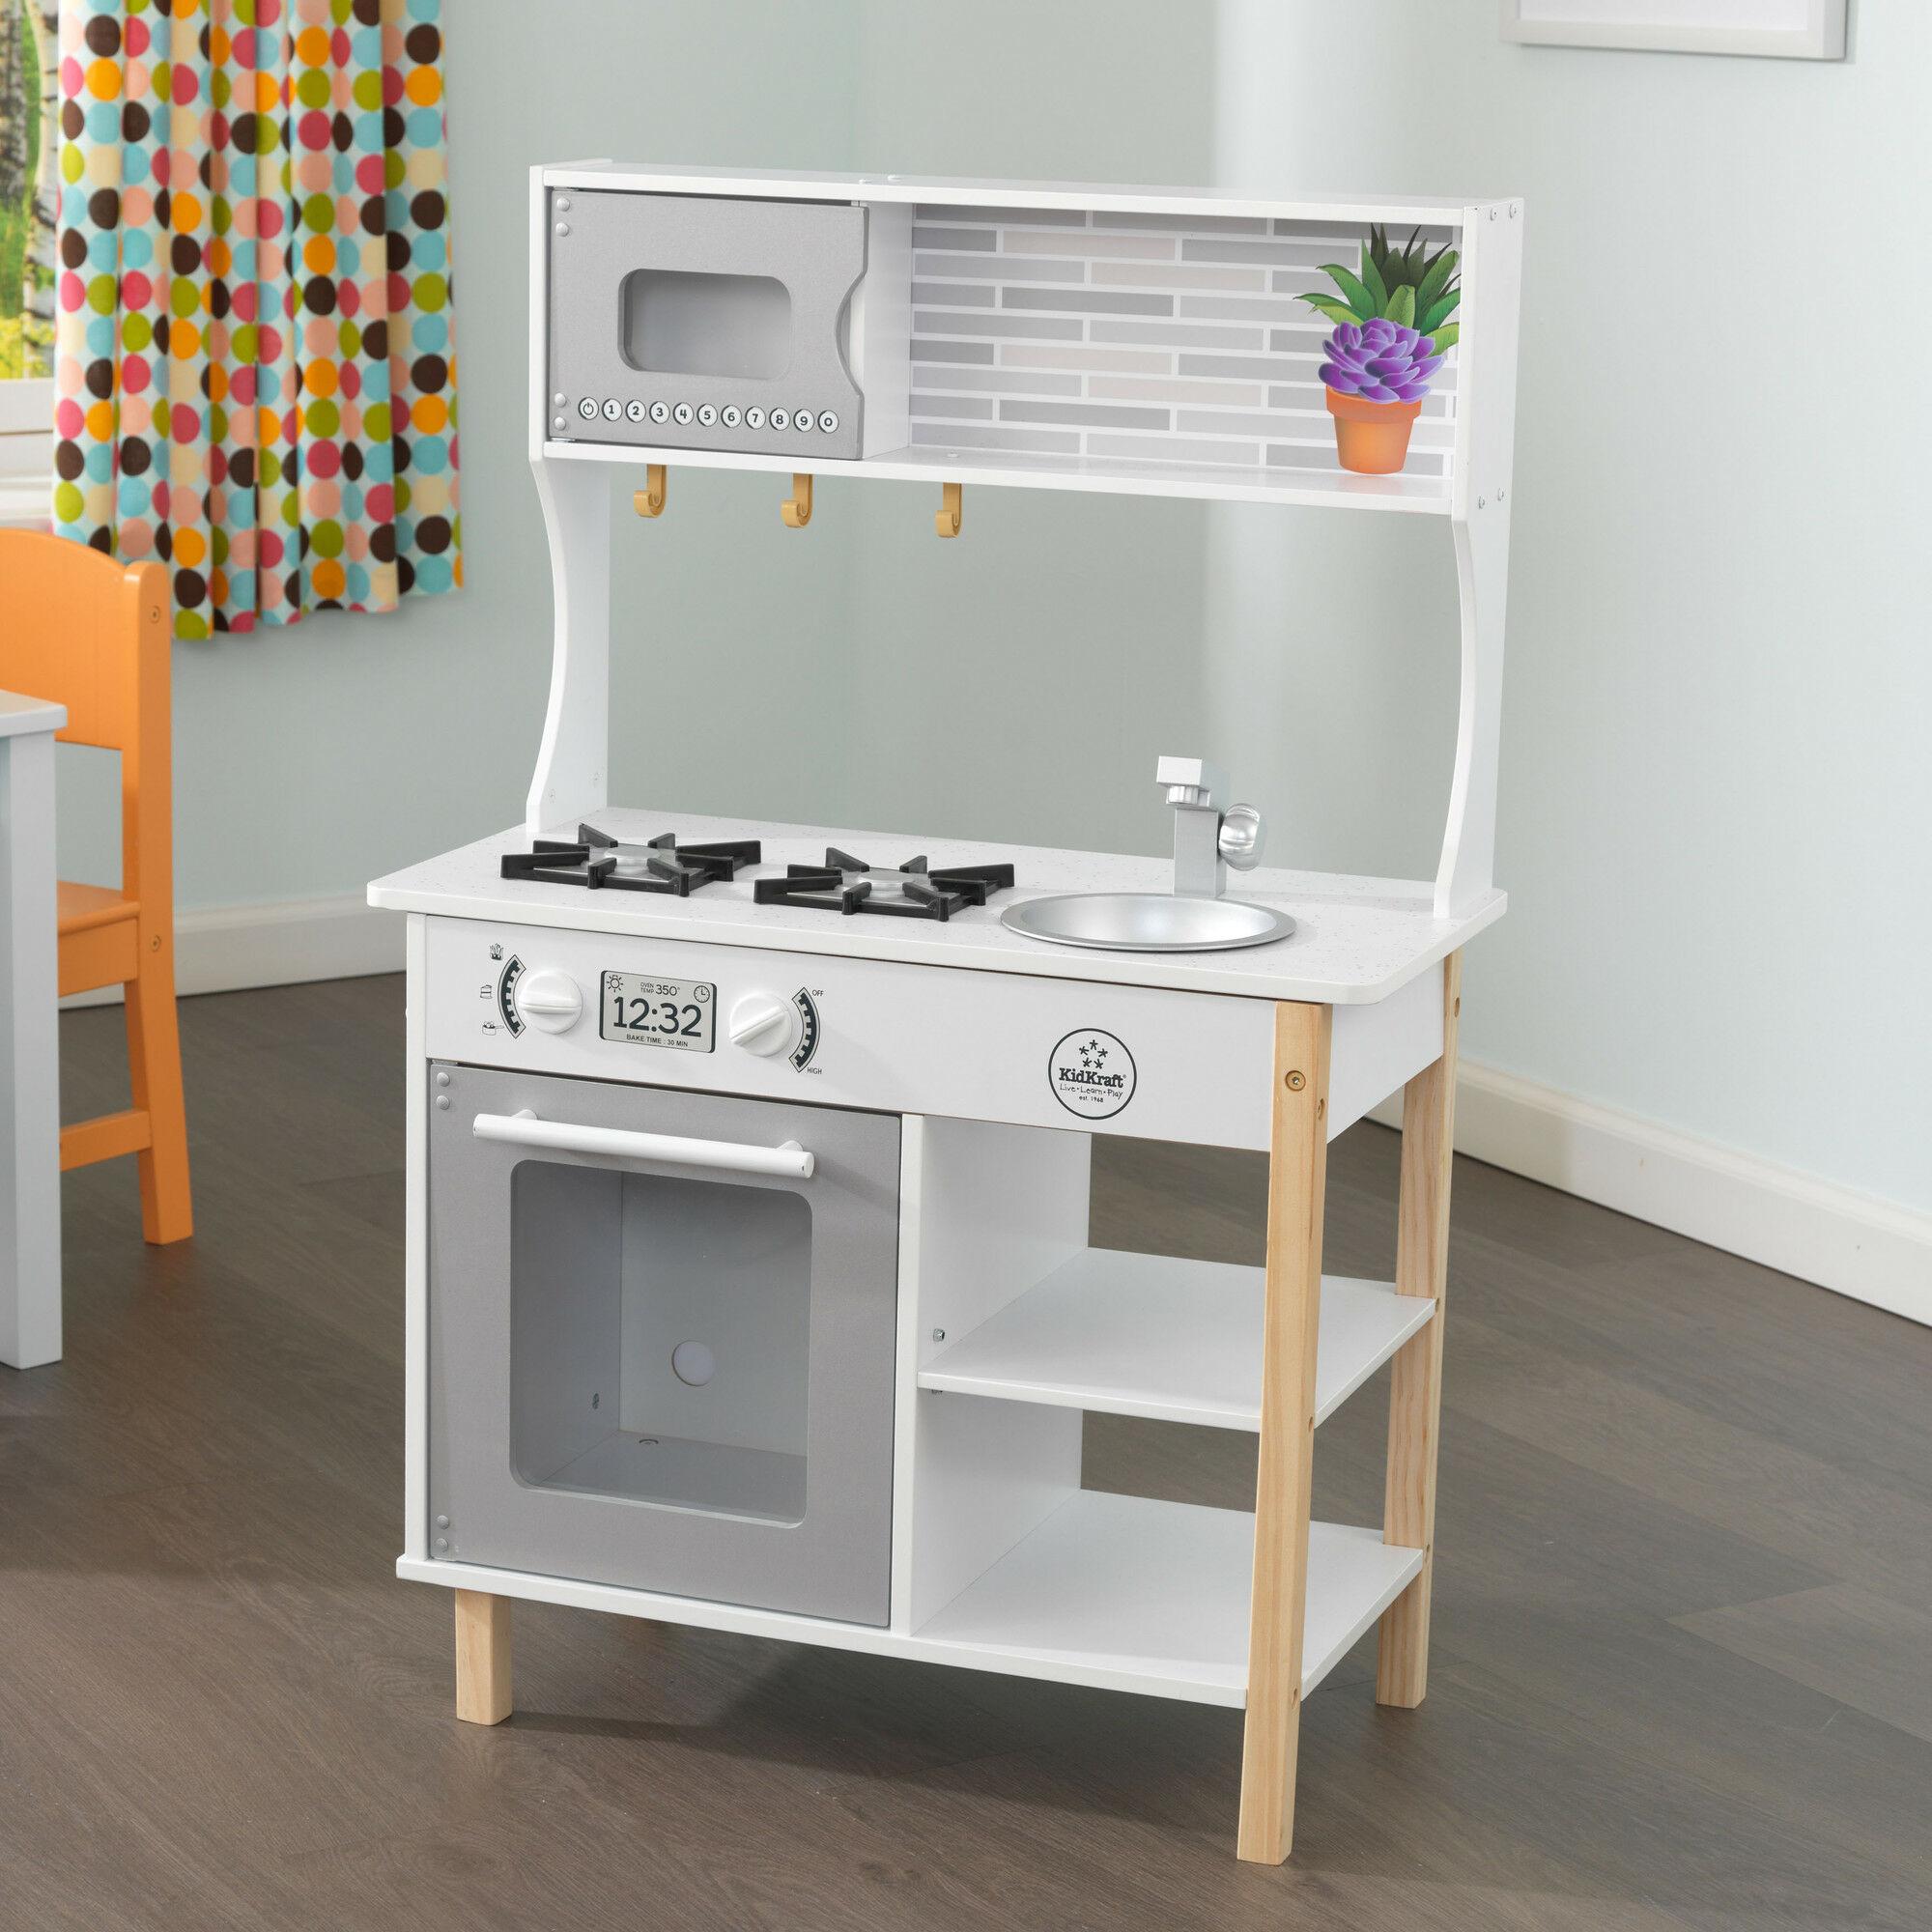 Speelkeuken Miele Gourmet Luxe.Search Kinderwinkels Net